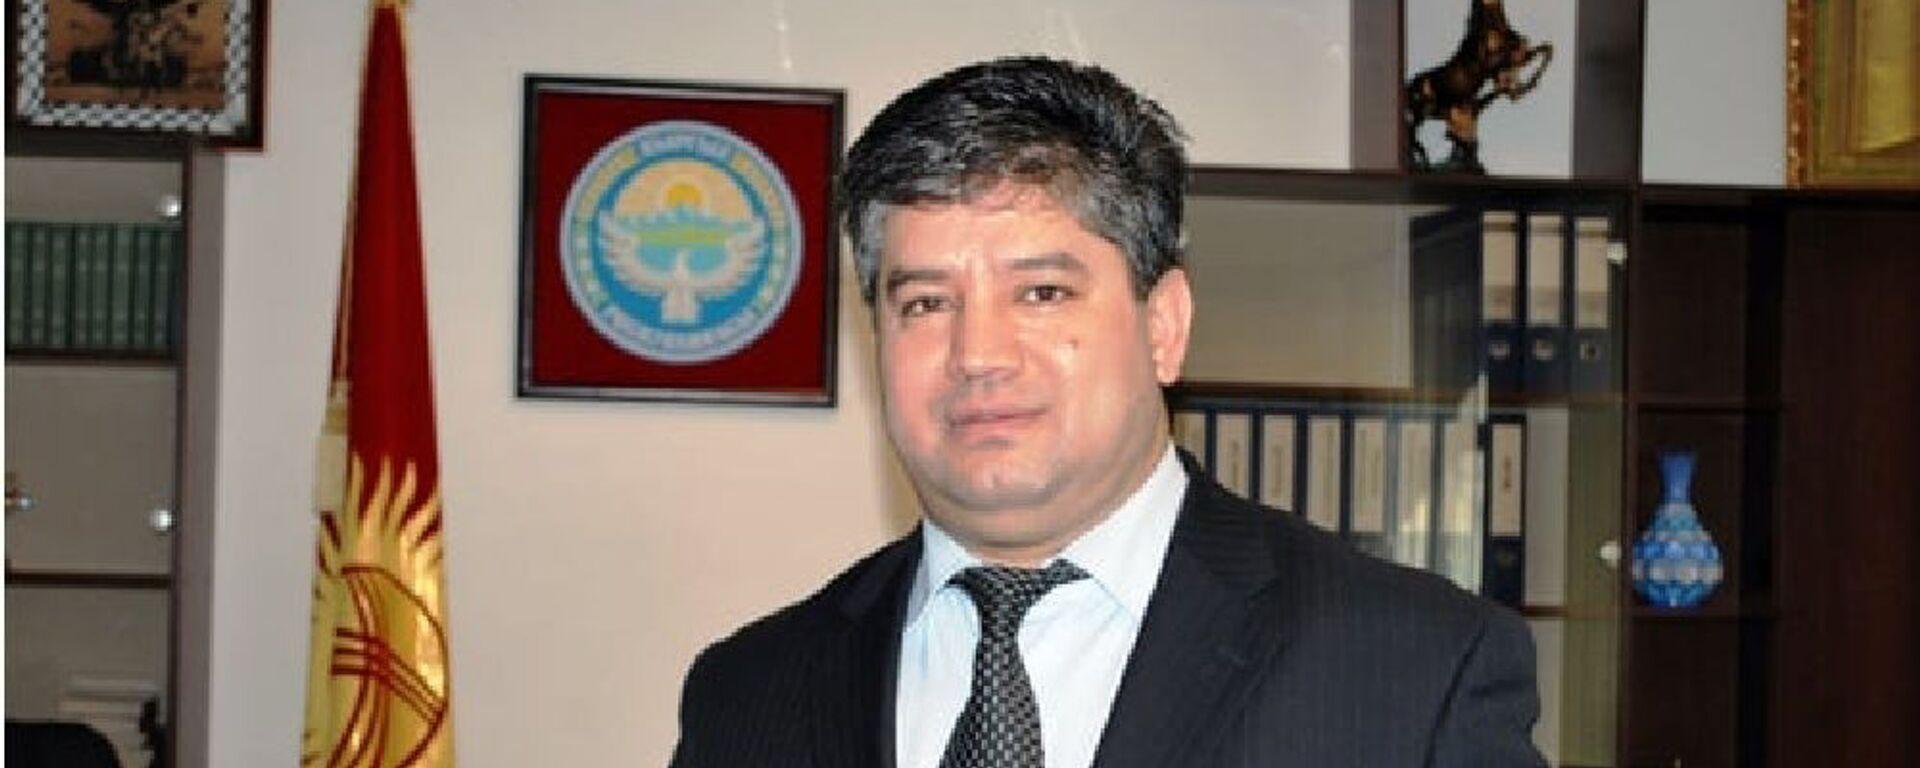 Равшанбек Сабиров, новый вице-премьера Киргизии - Sputnik Тоҷикистон, 1920, 12.10.2021